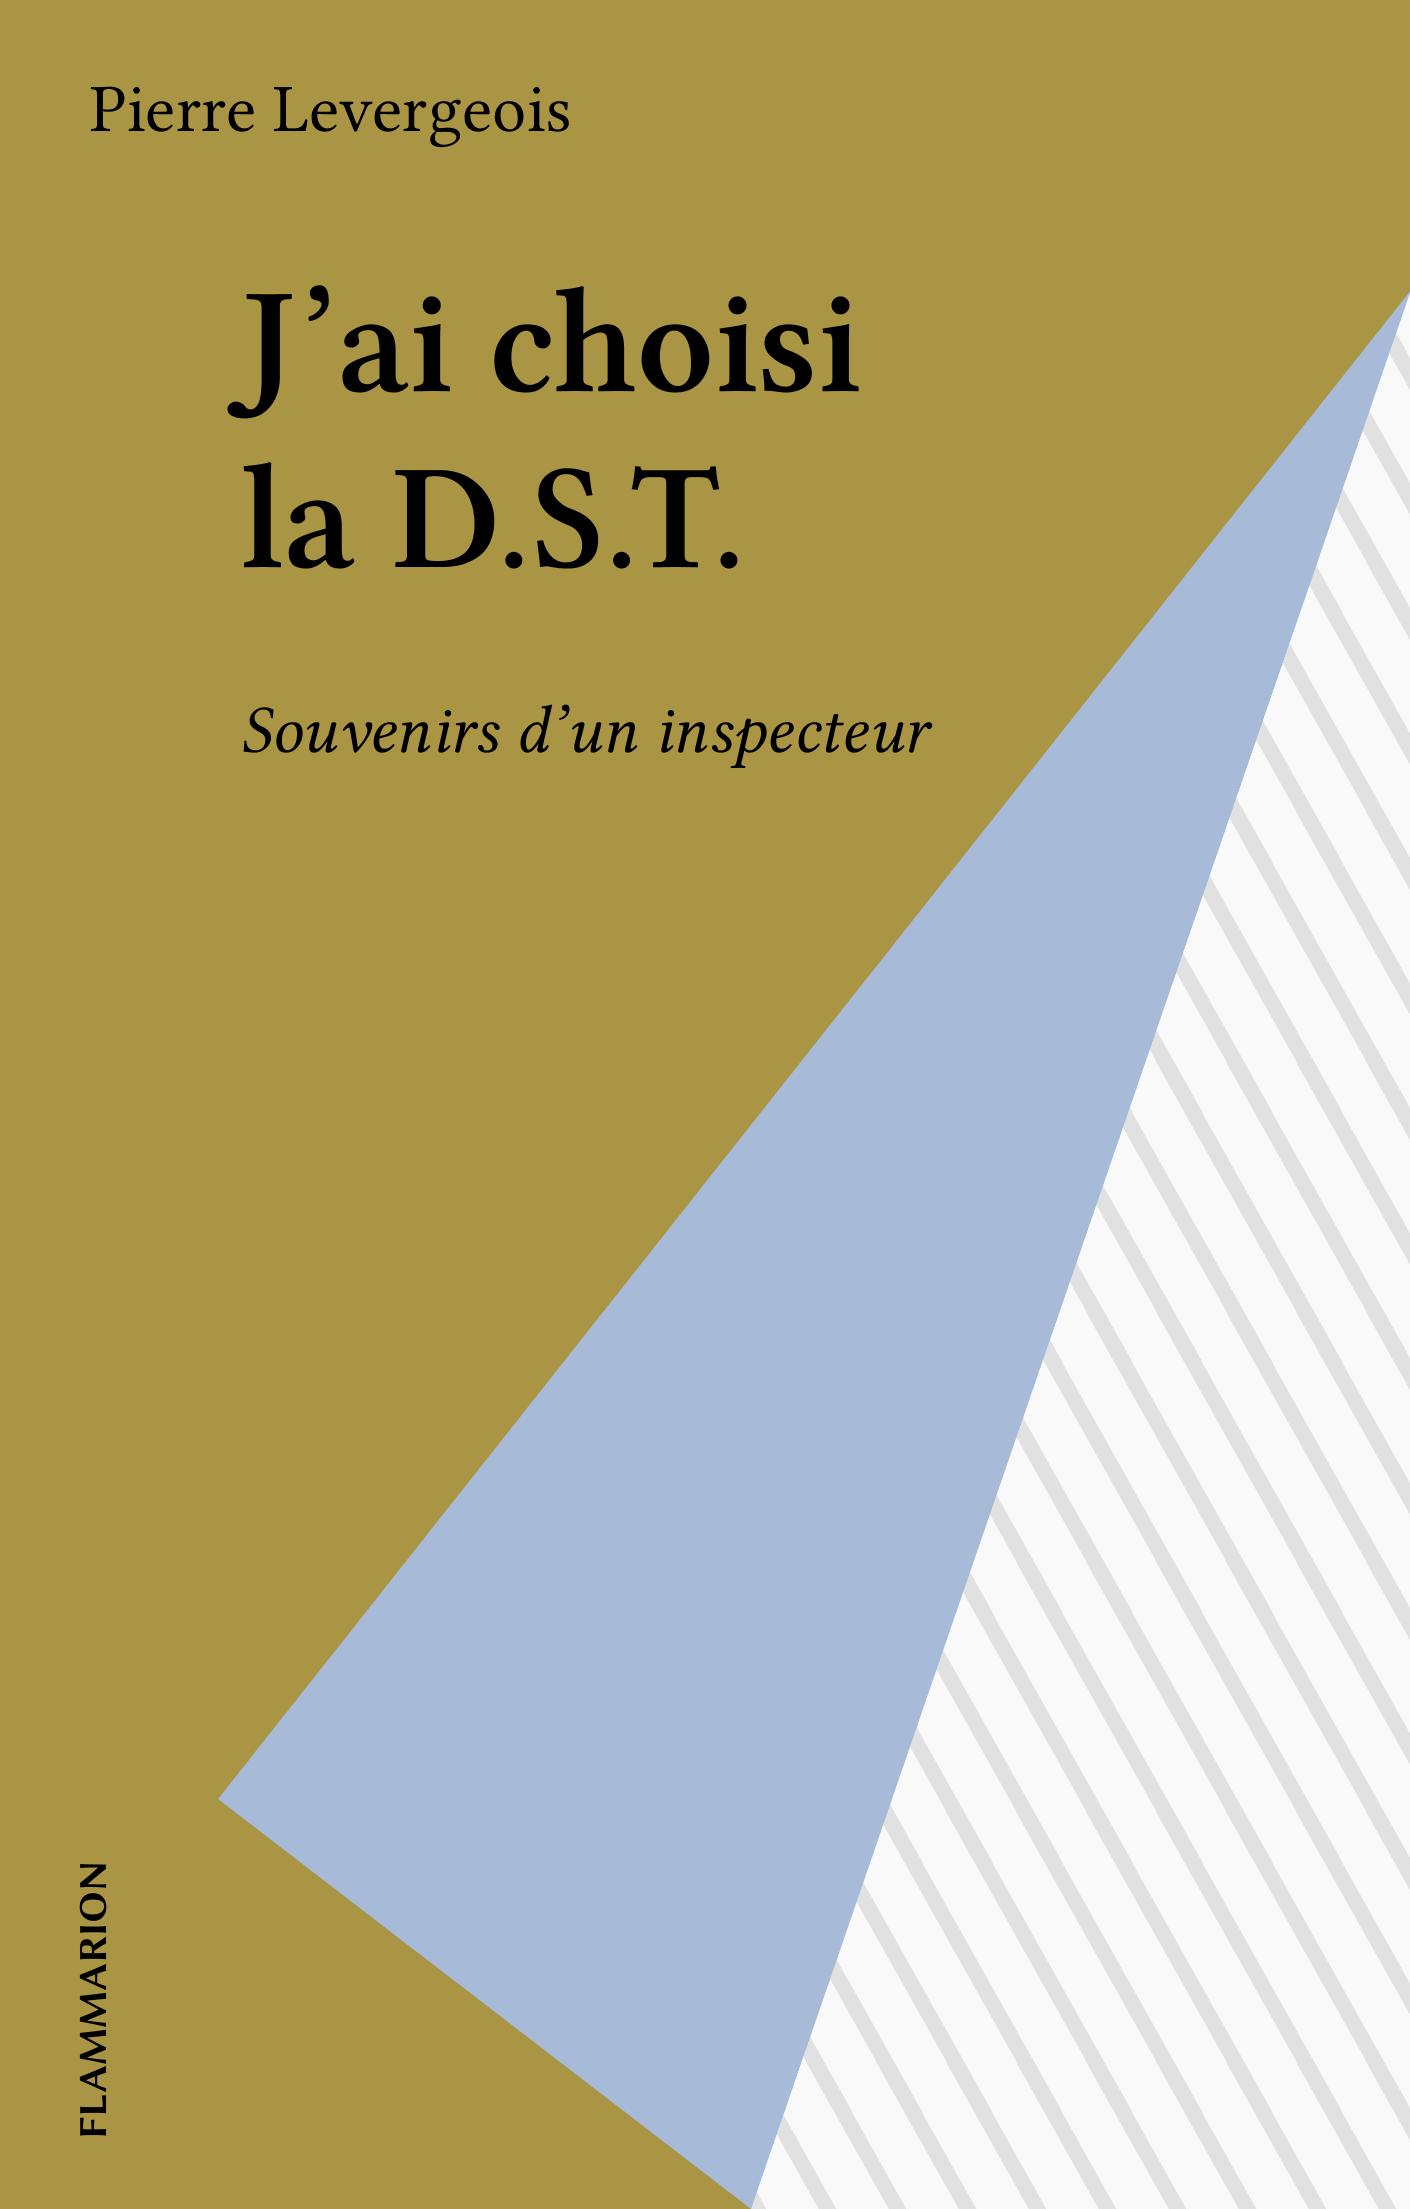 J'ai choisi la D.S.T.